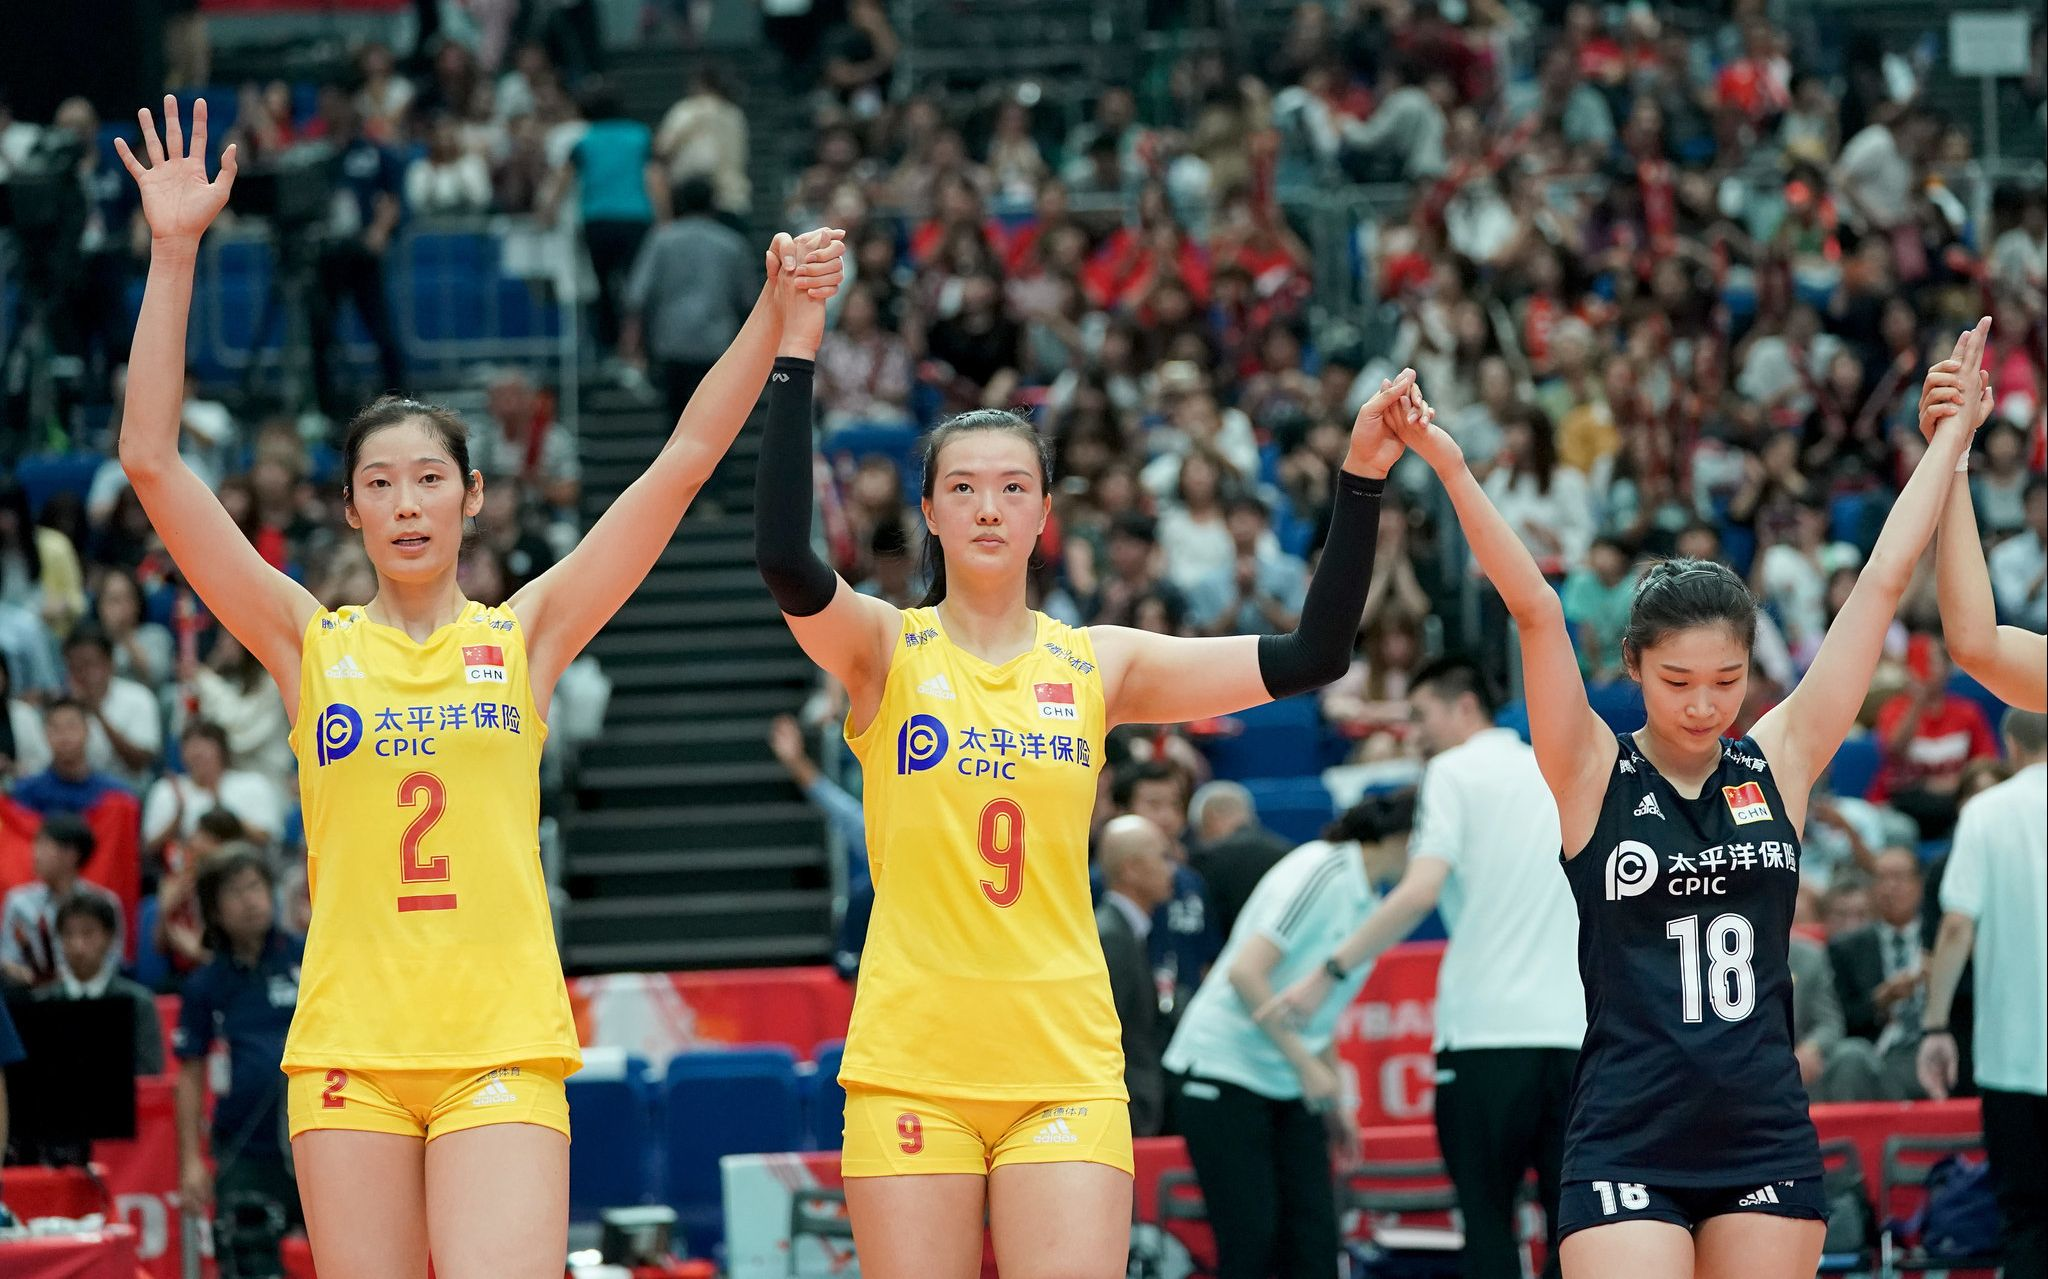 中国女排五连胜,郎平称真正的考验还在后面